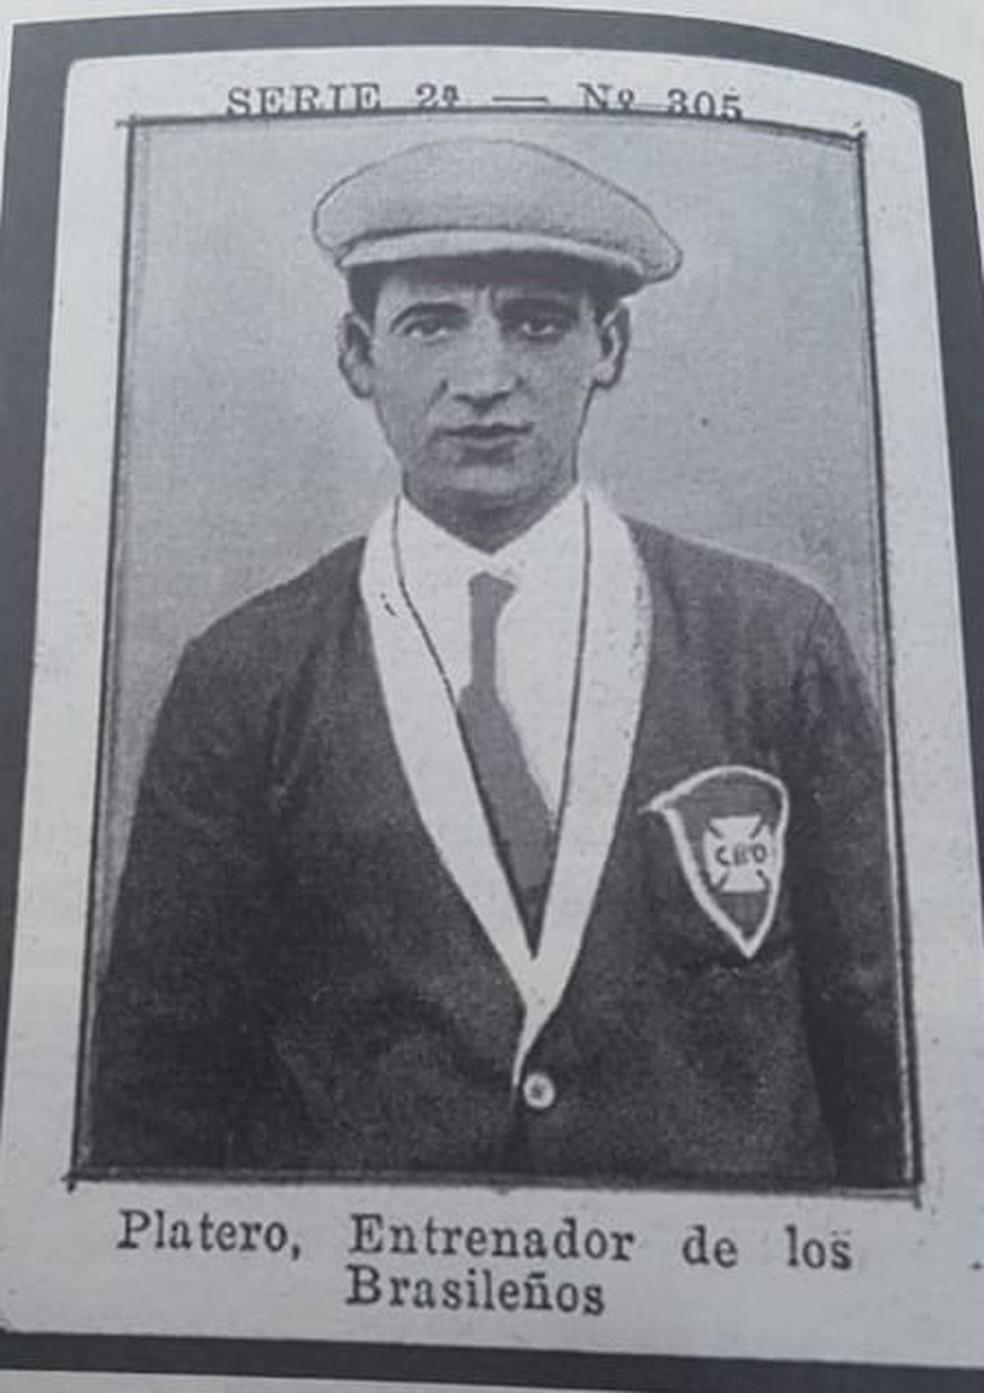 Ramon Platero, em card argentino no Campeonato Sul-Americano de 1925, em que comandou a seleção brasileira — Foto: Reprodução